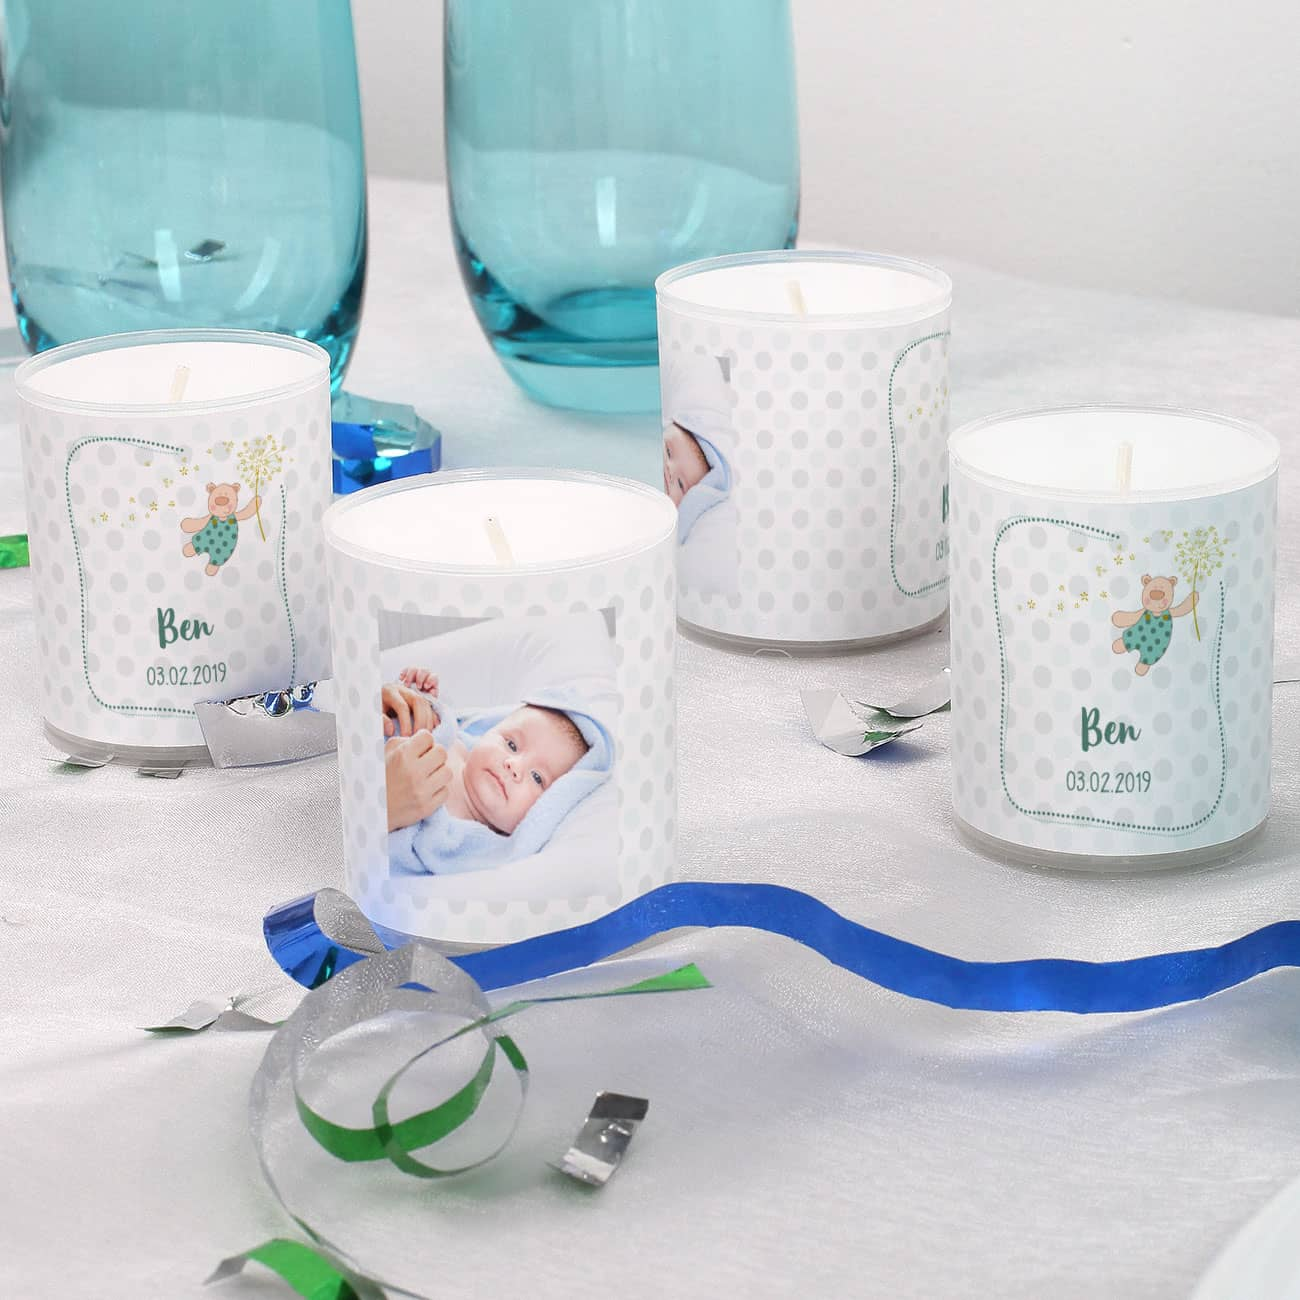 4 Foto Kerzen Als Tischdeko Für Taufe Oder Babypullern Blau